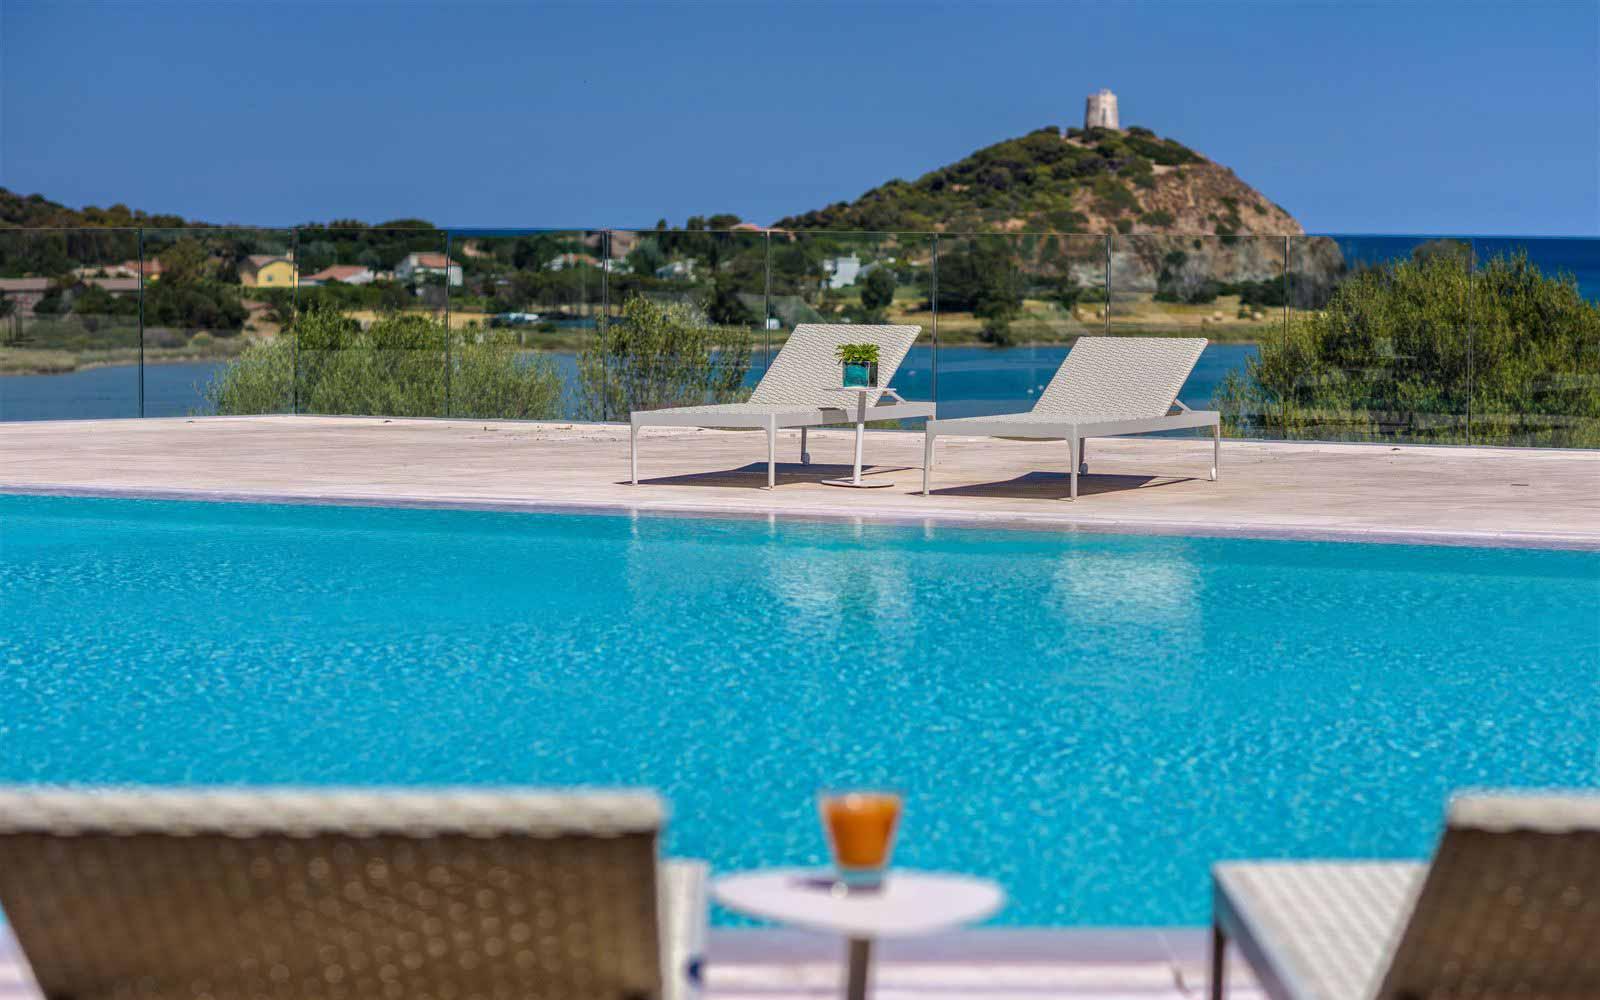 Bioaquam pool at Hotel Laguna